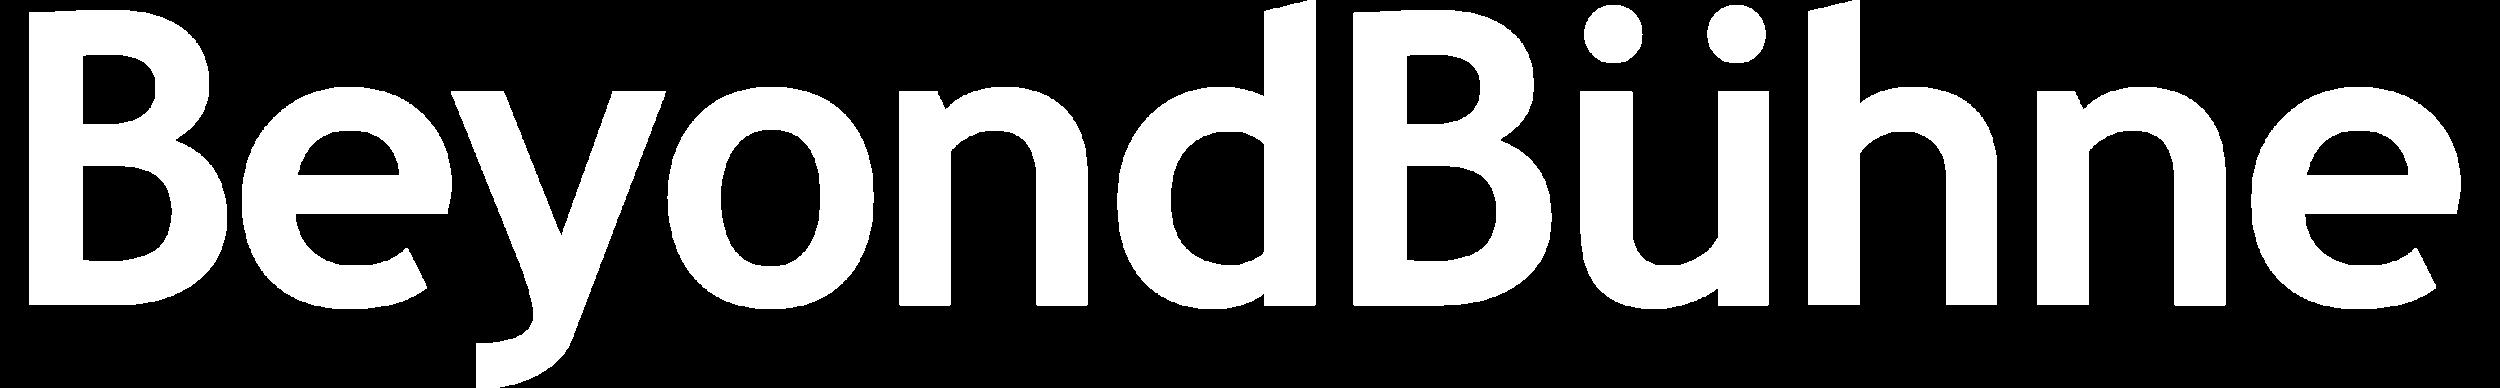 BeyondBühne Baden